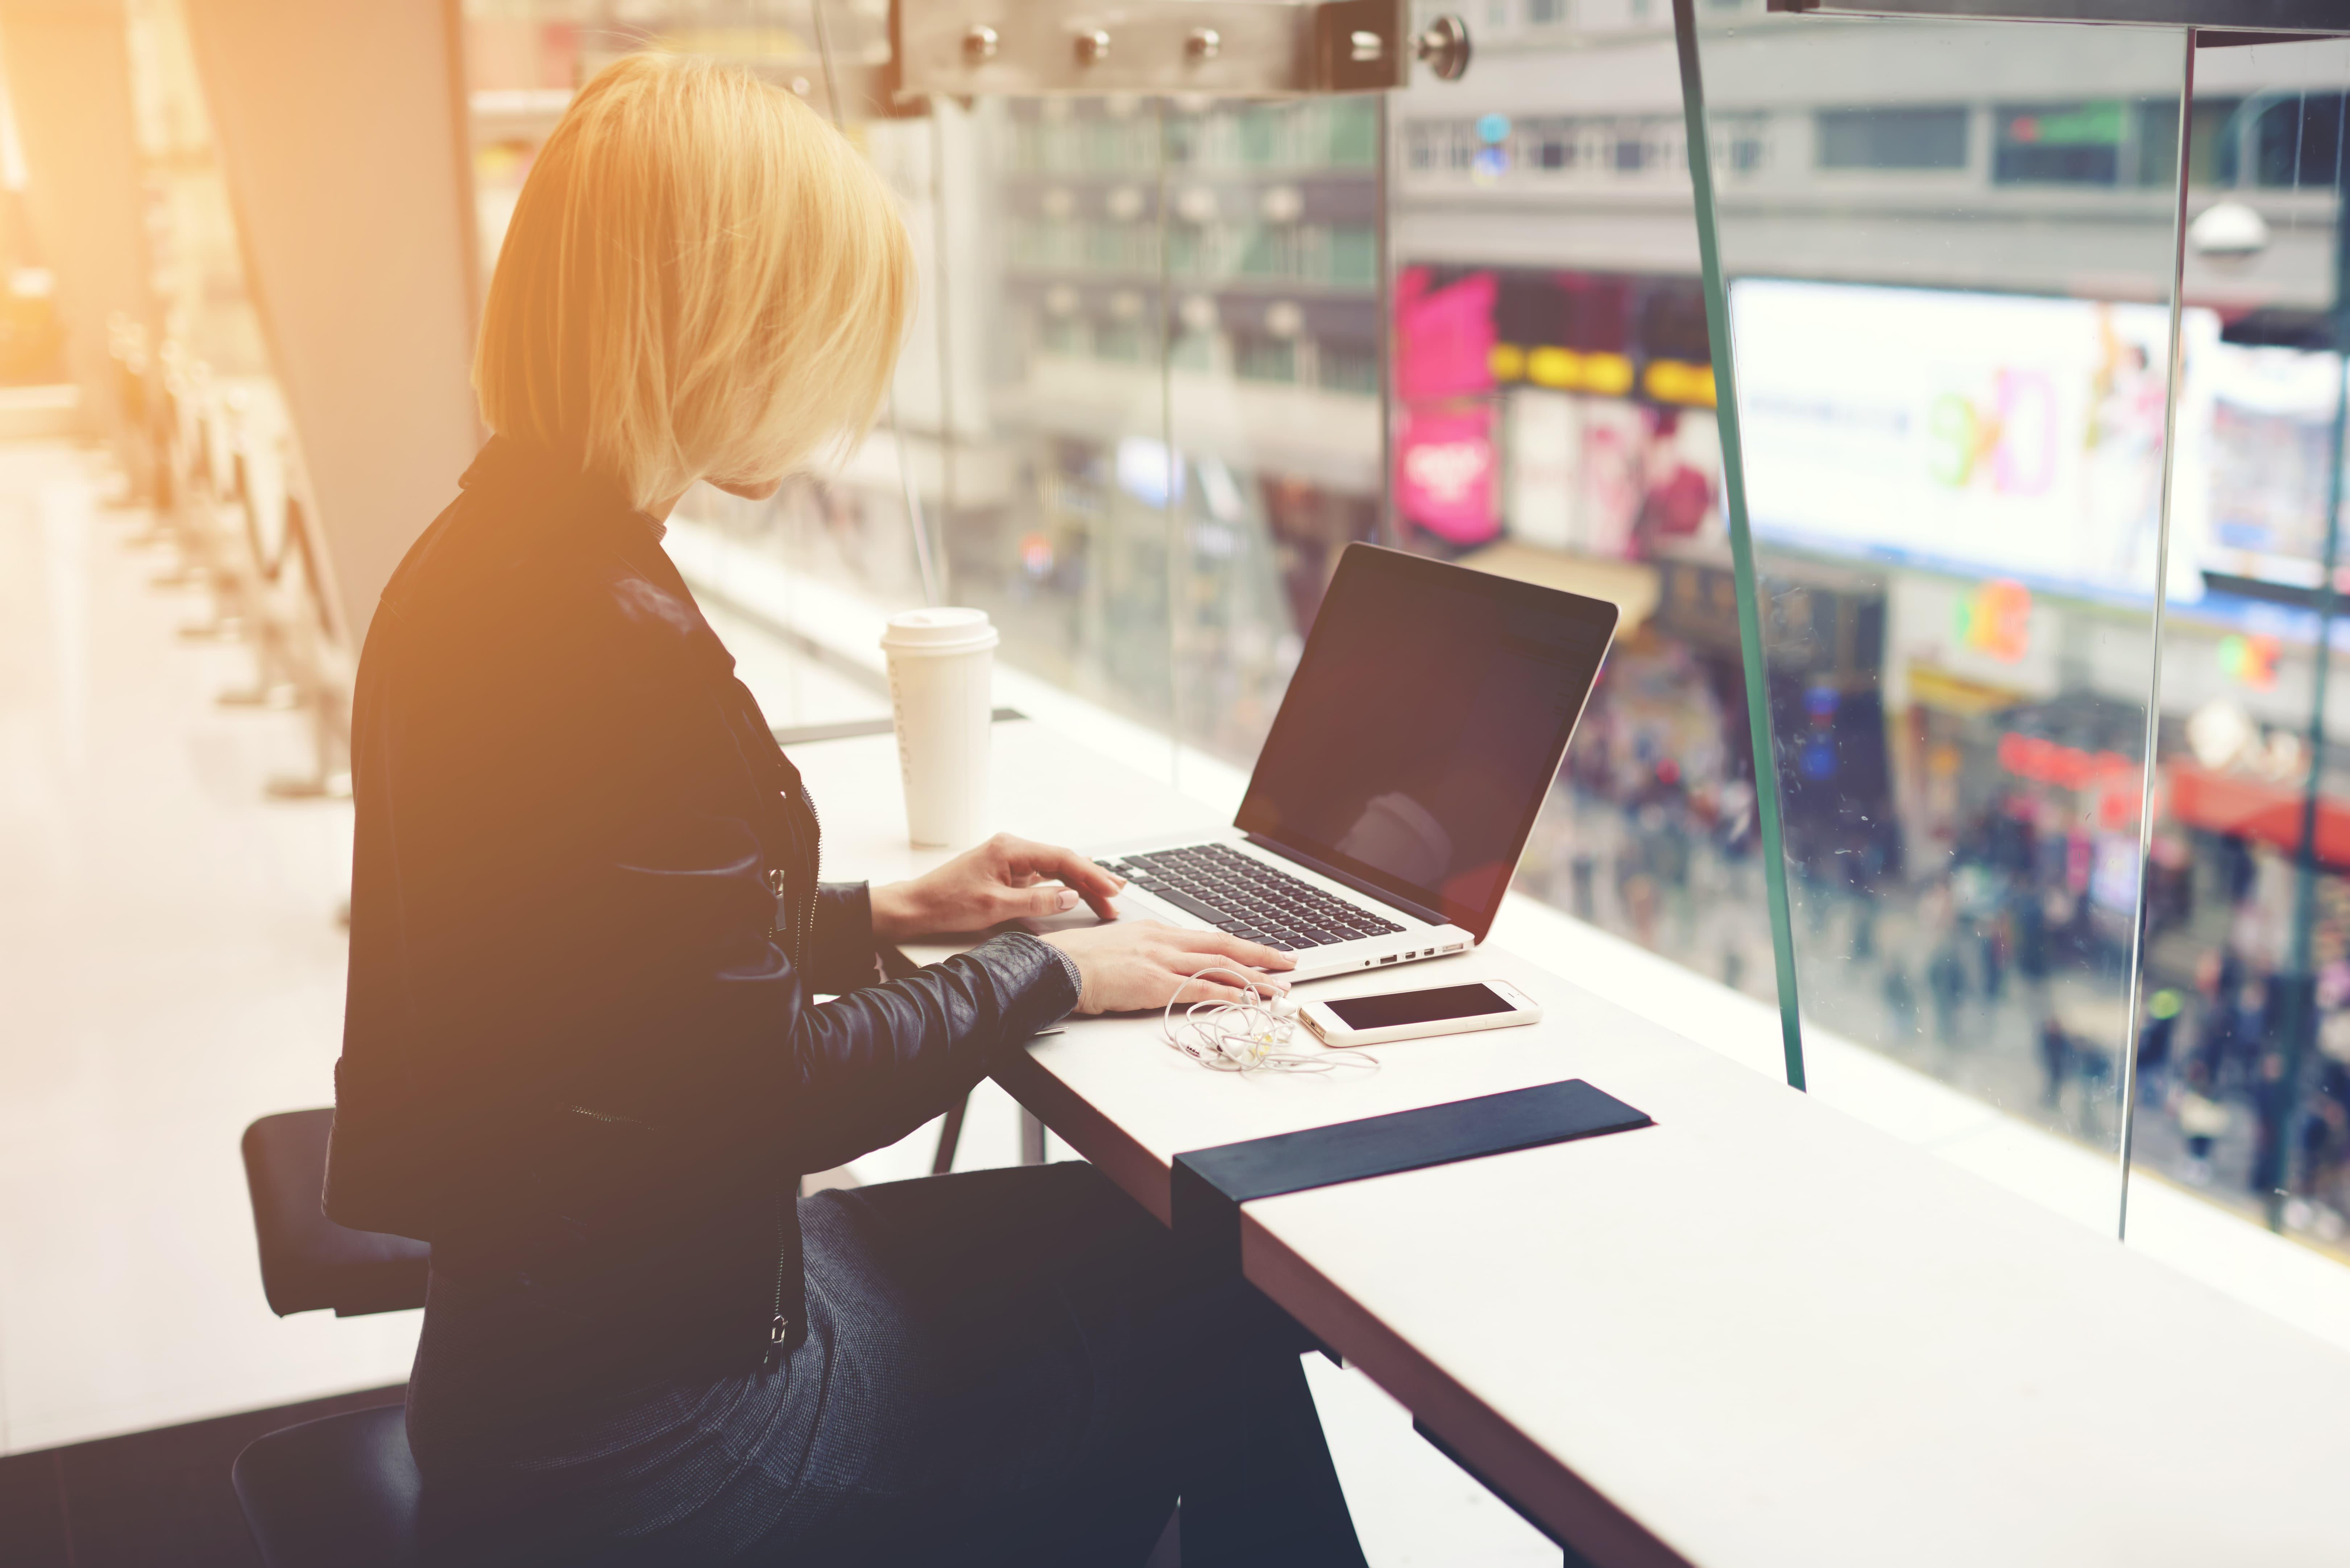 Frau sitzt vor einen Laptop